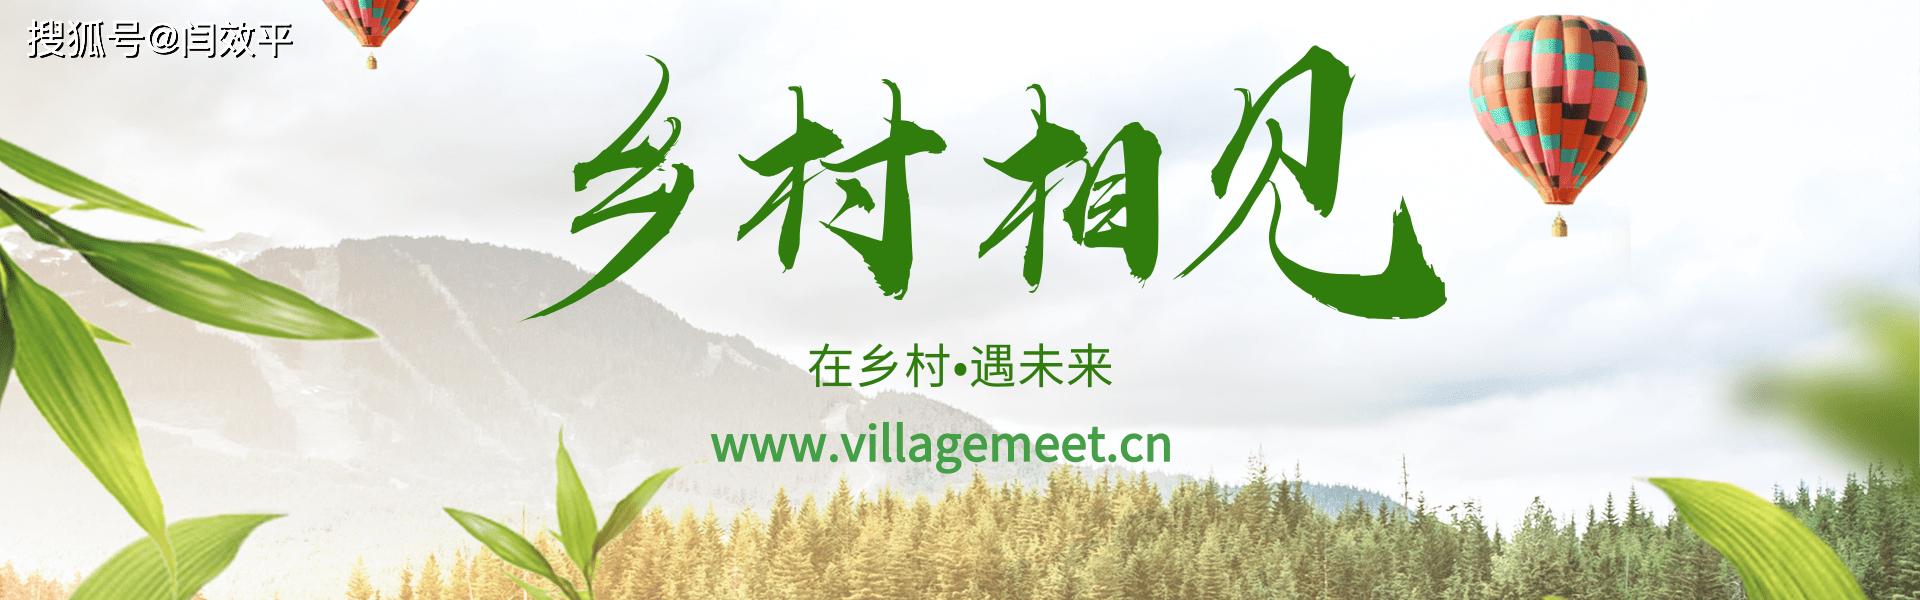 锋速体育官网:遇见农村:提前规划 乡村休闲旅游规划应注重顶层设计